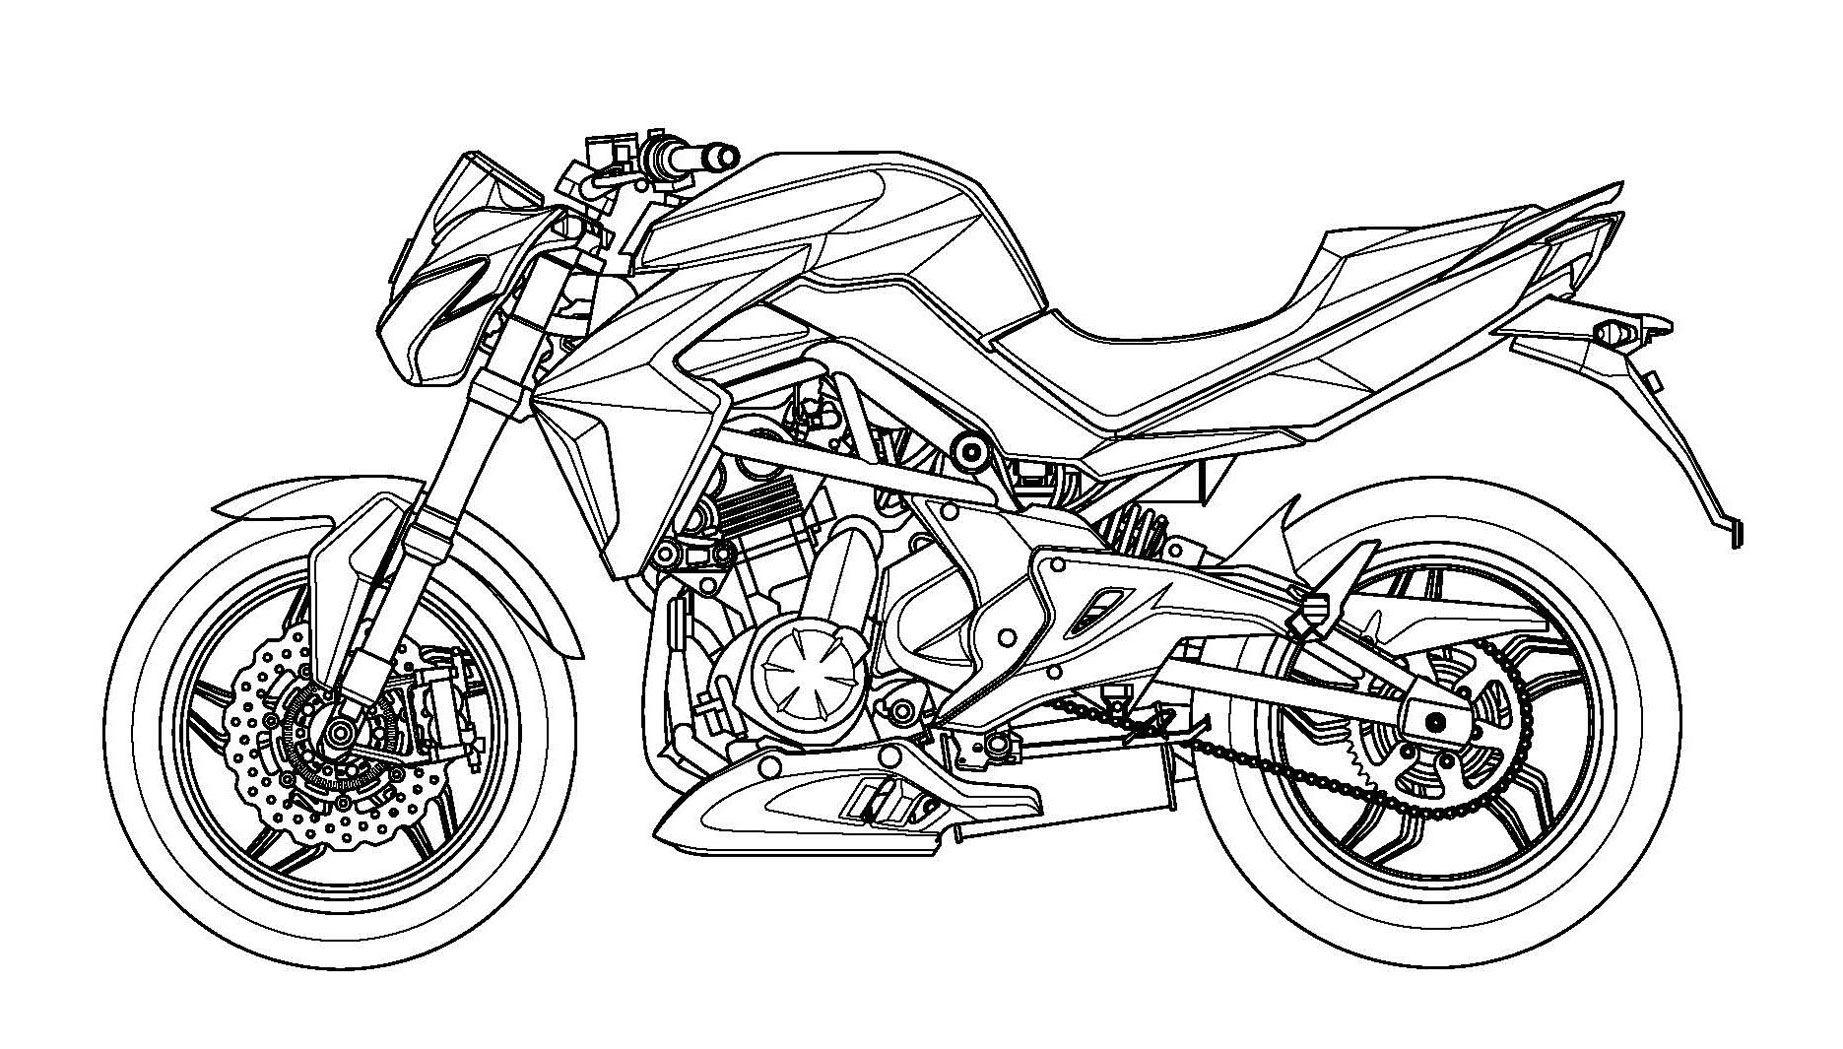 082216 kymco er6n 07 bike drawings coloring